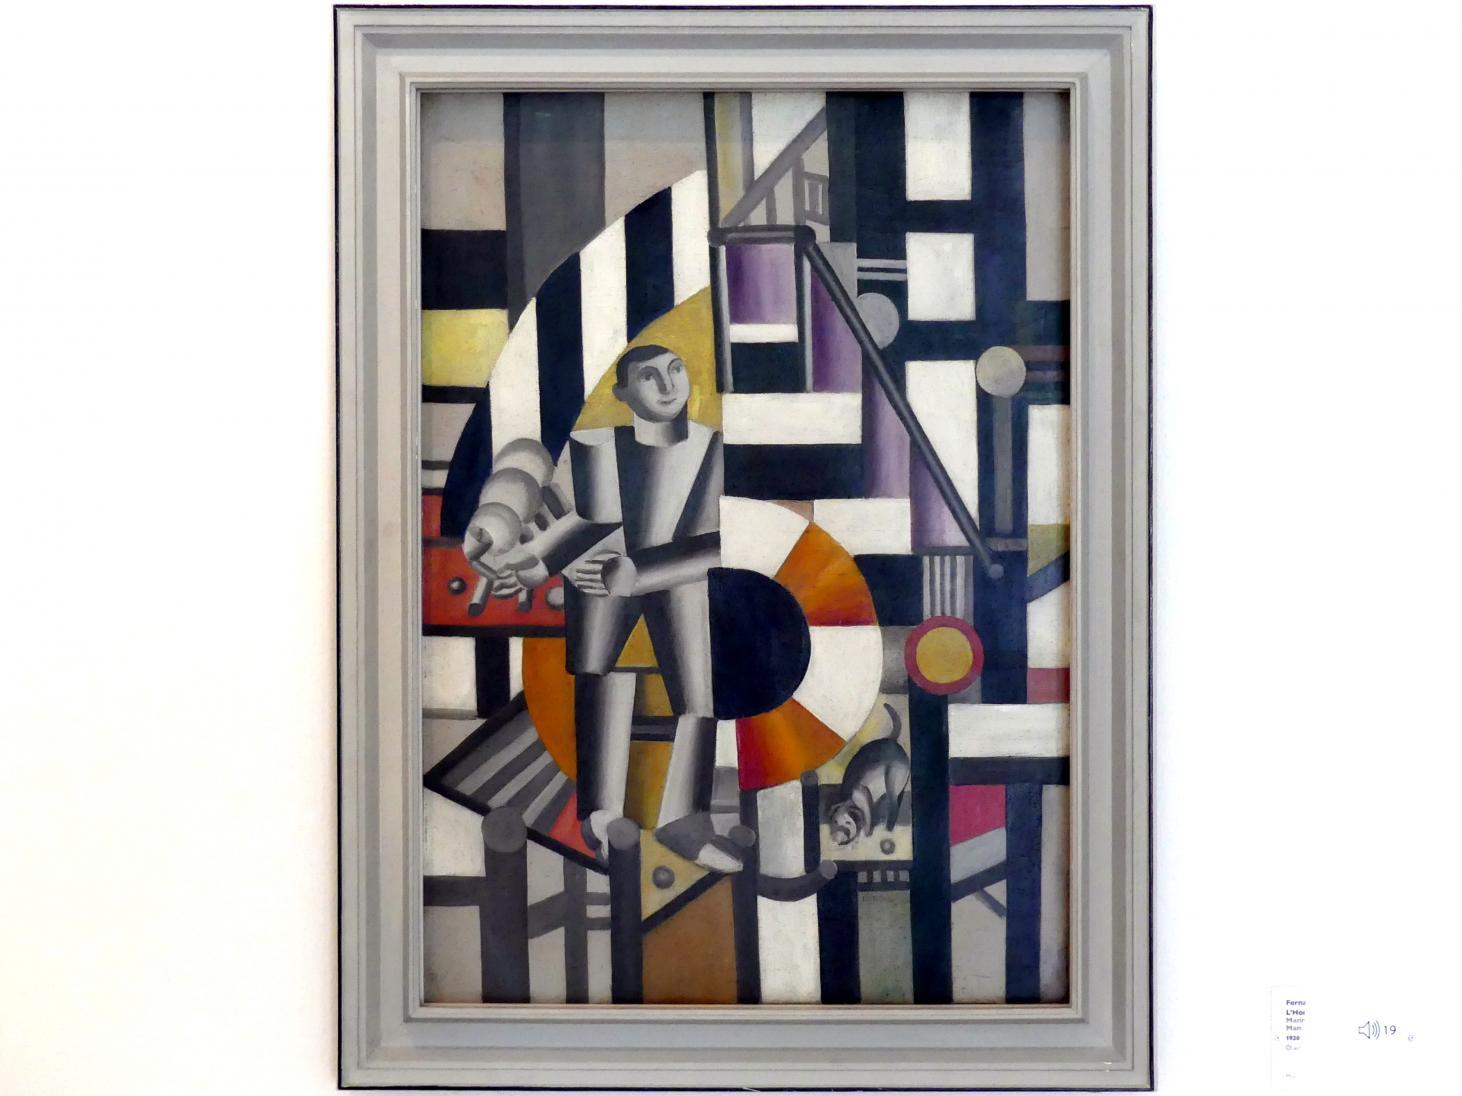 Fernand Léger: Mann mit Pfeife, 1920